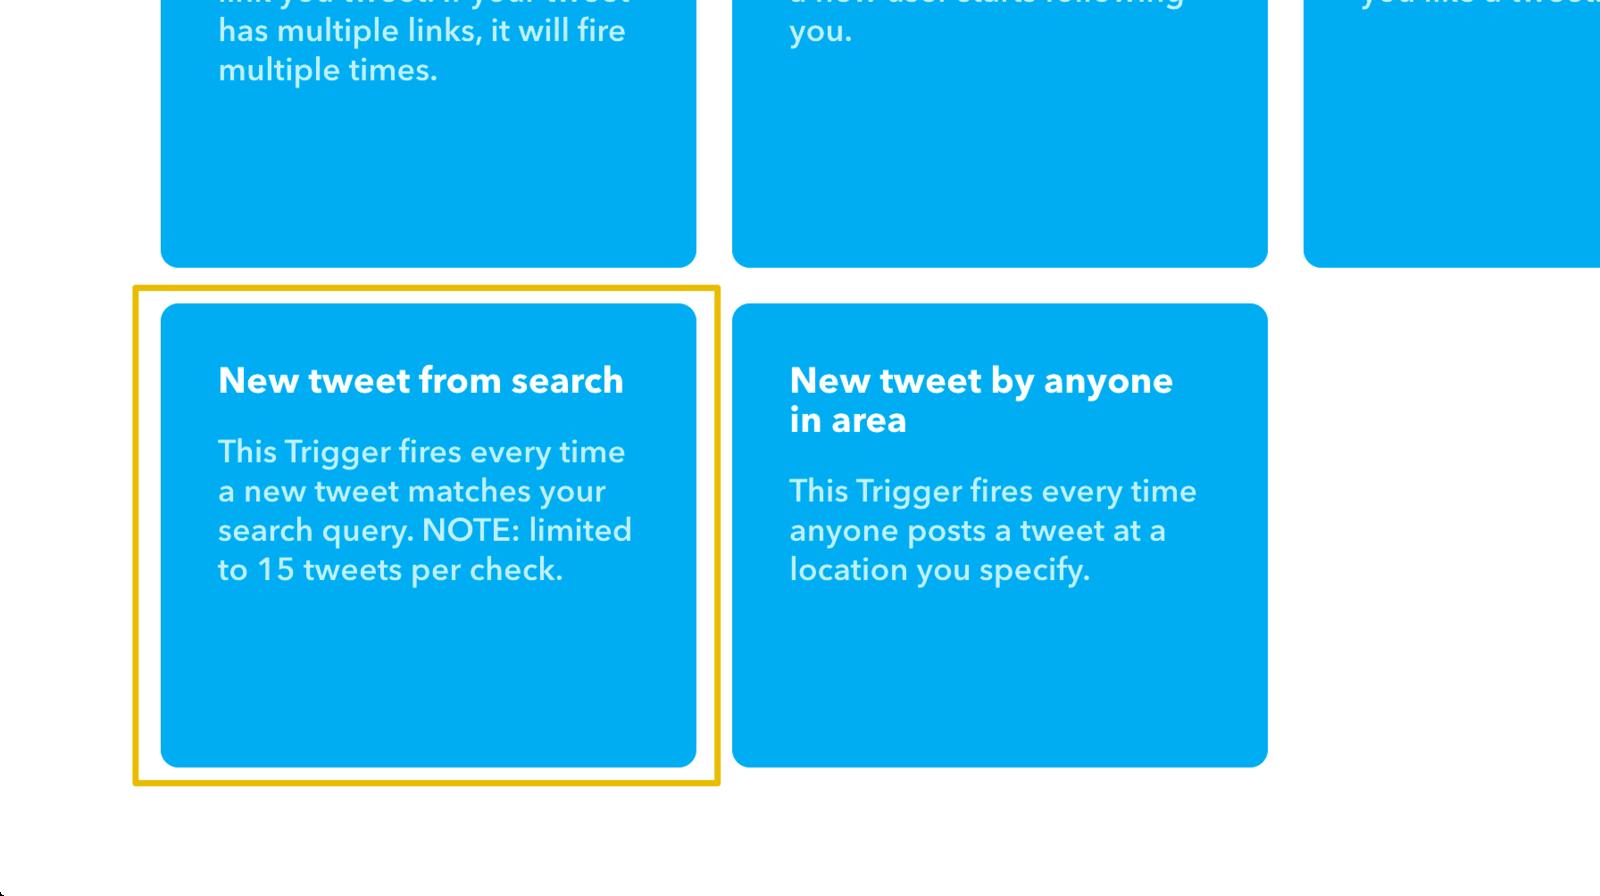 エゴサーチ結果をトリガーにしたいので「New tweet from search」を選択